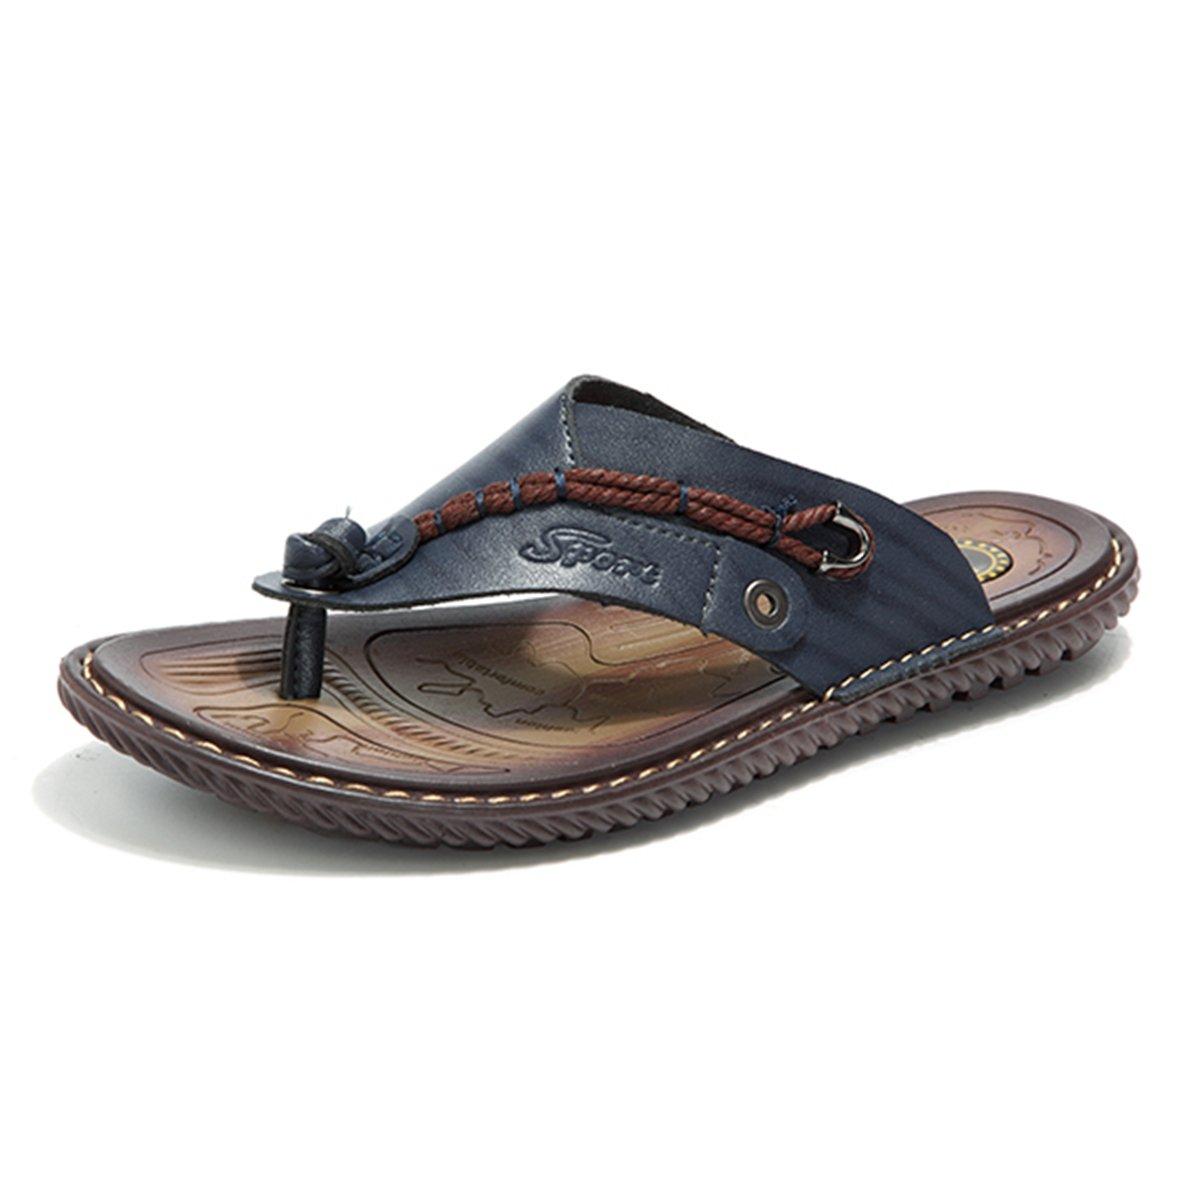 Gracosy Flip Flops, Unisex Zehentrenner Flache Hausschuhe Pantoletten Sommer Schuhe Slippers Weich Anti-Rutsch T-Strap Sandalen fuuml;r Herren Damenr  41 EU|Blau